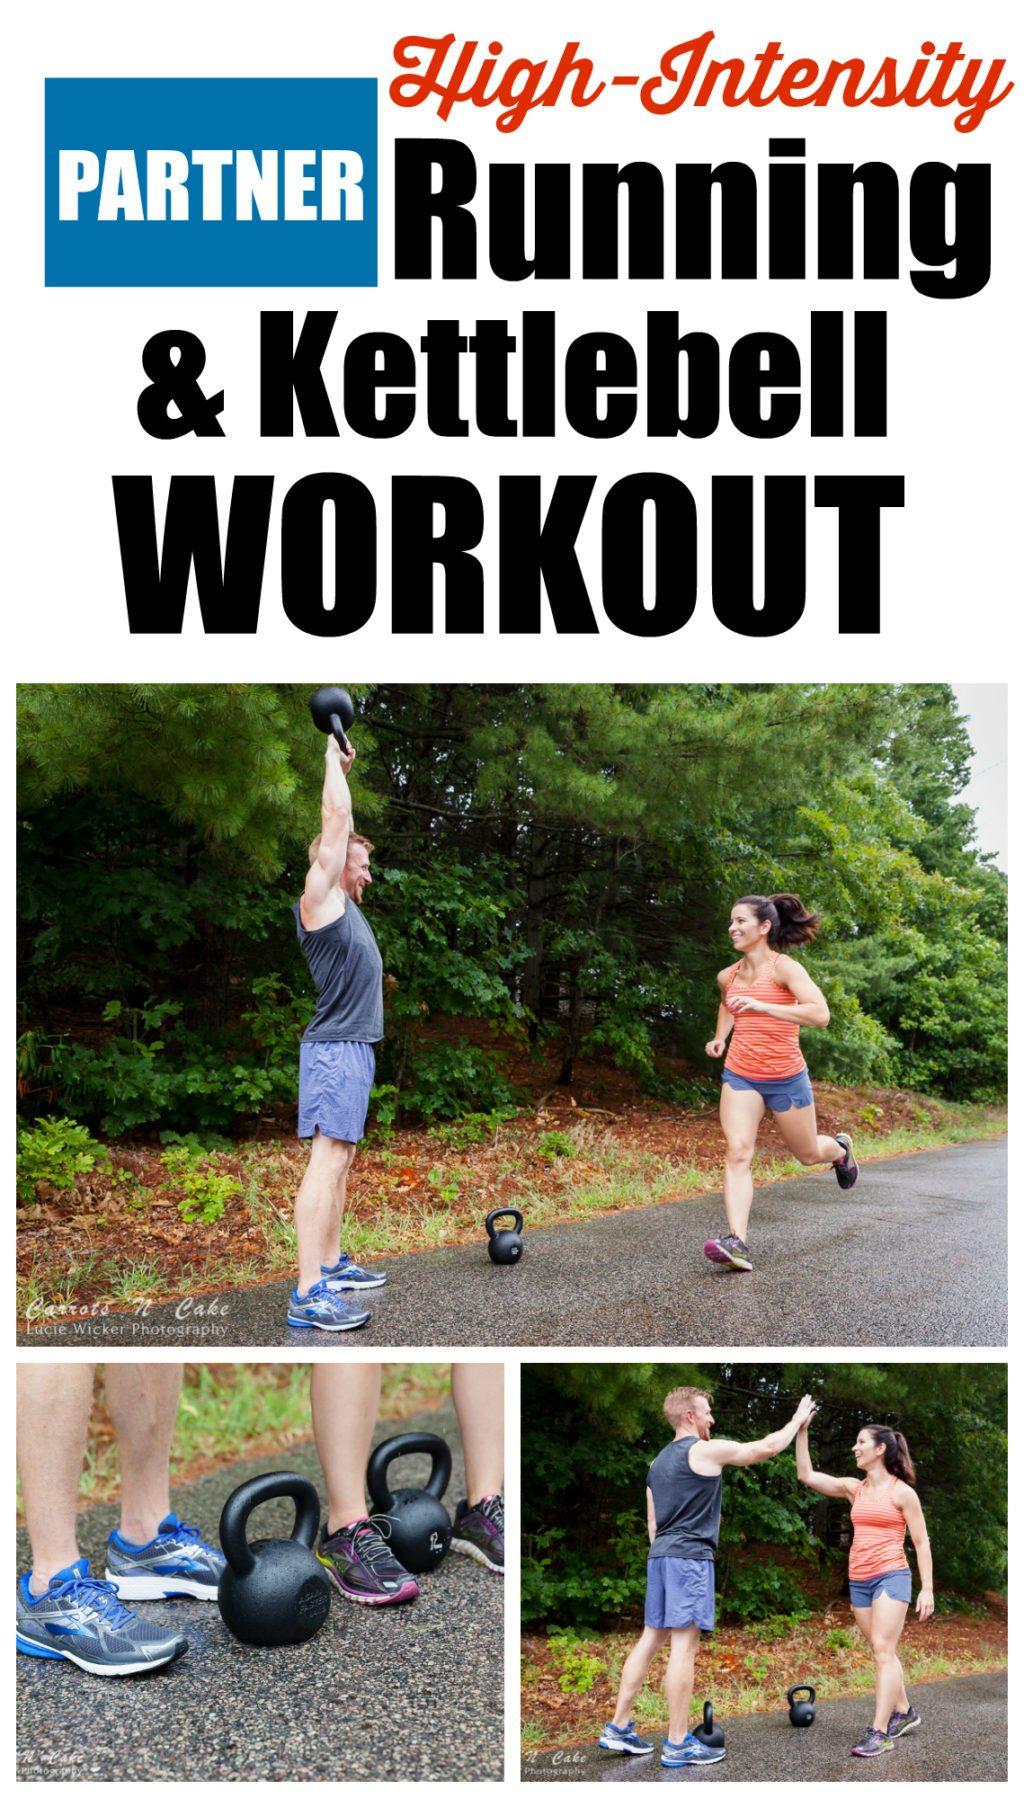 Partner Running & Kettlebell Workout